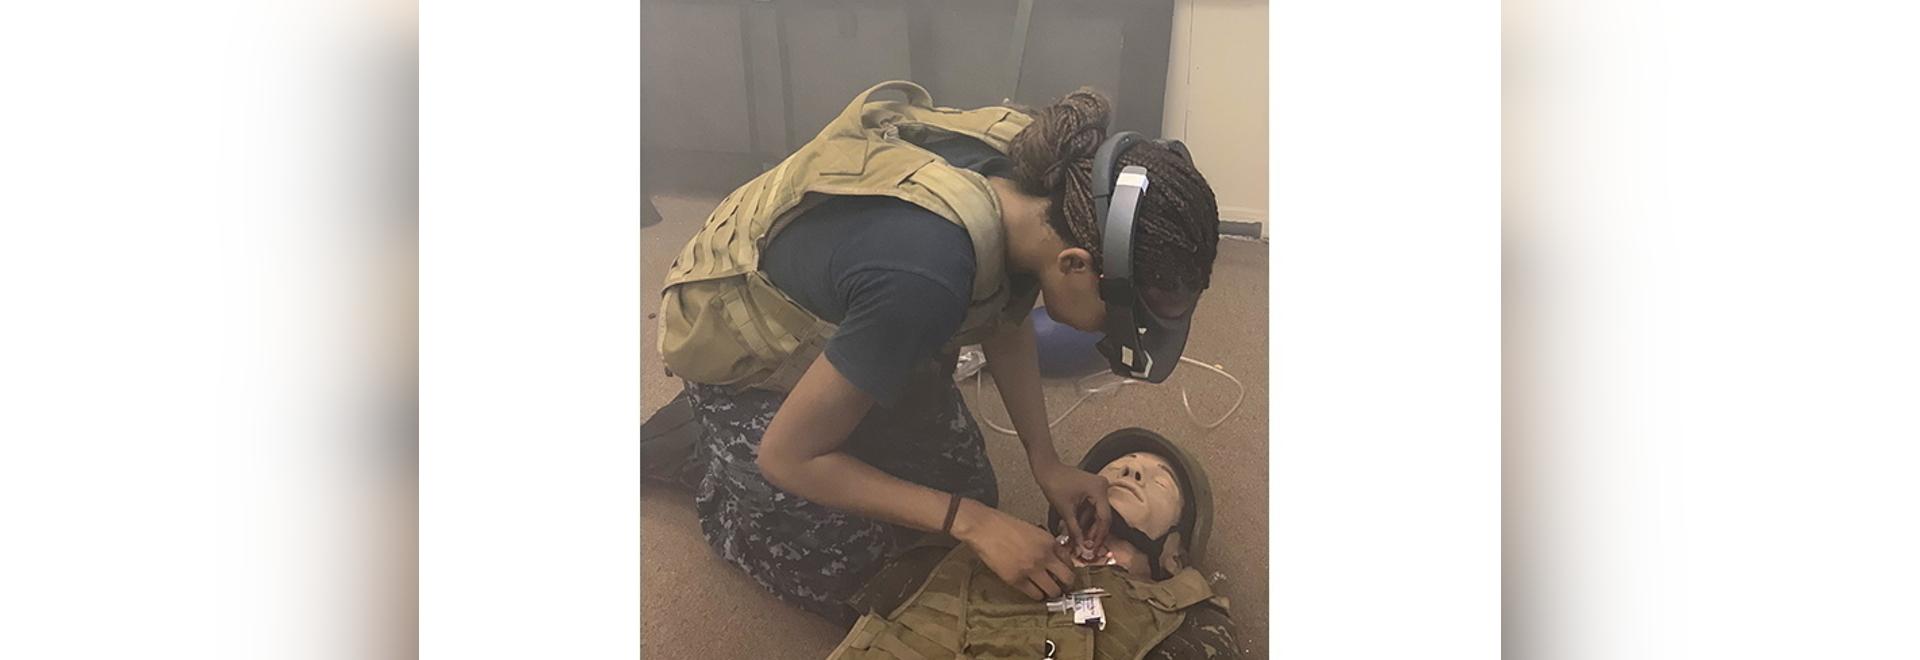 La télémédecine en réalité augmentée s'avère efficace sur les champs de bataille